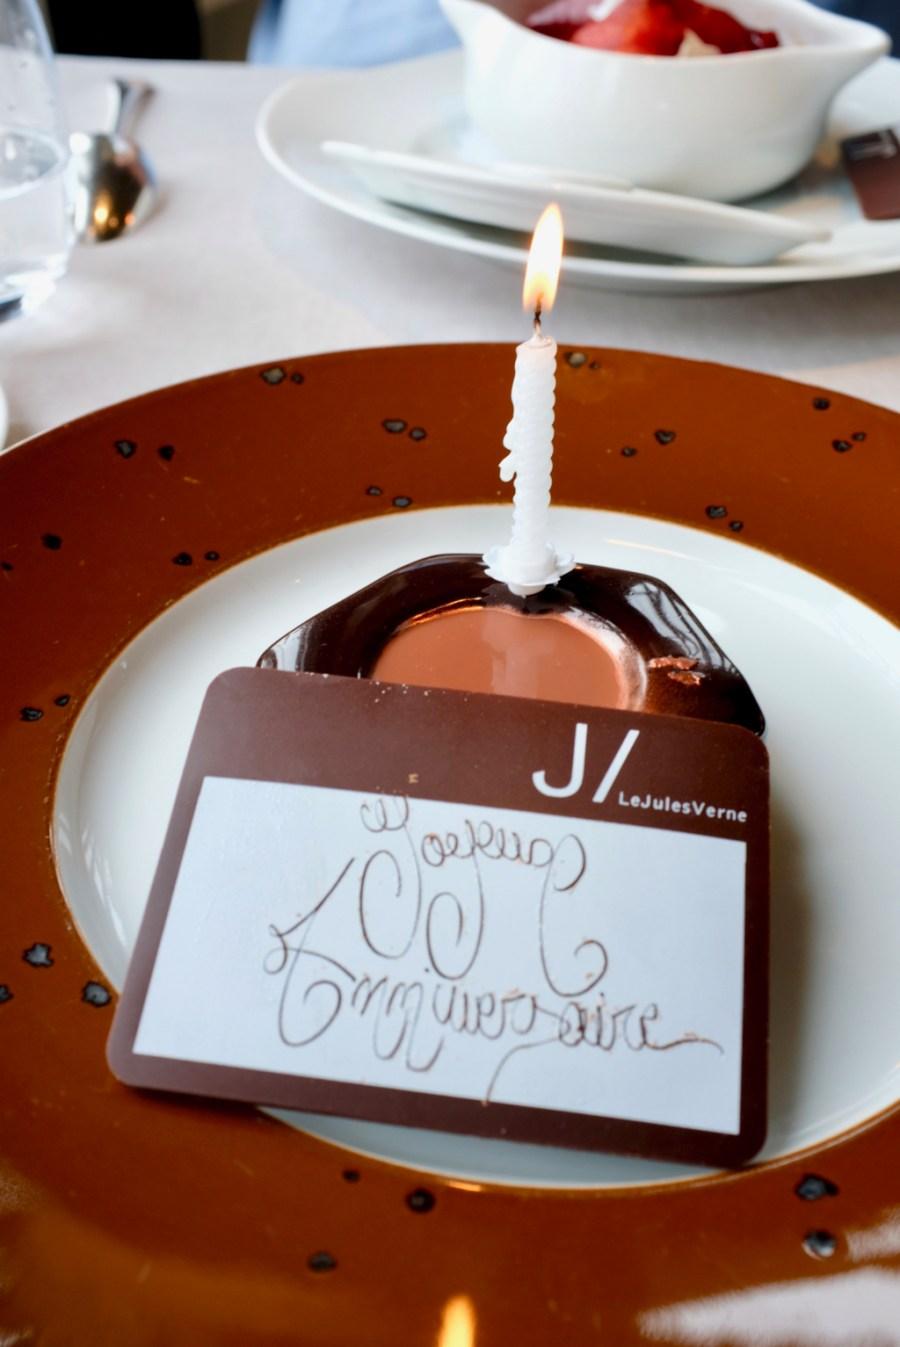 Le Jules Verne - L'écrou croustillant au chocolat de notre Manufacture à Paris (Crispy 'Tower nut', chocolate from our Manufacture in Paris)